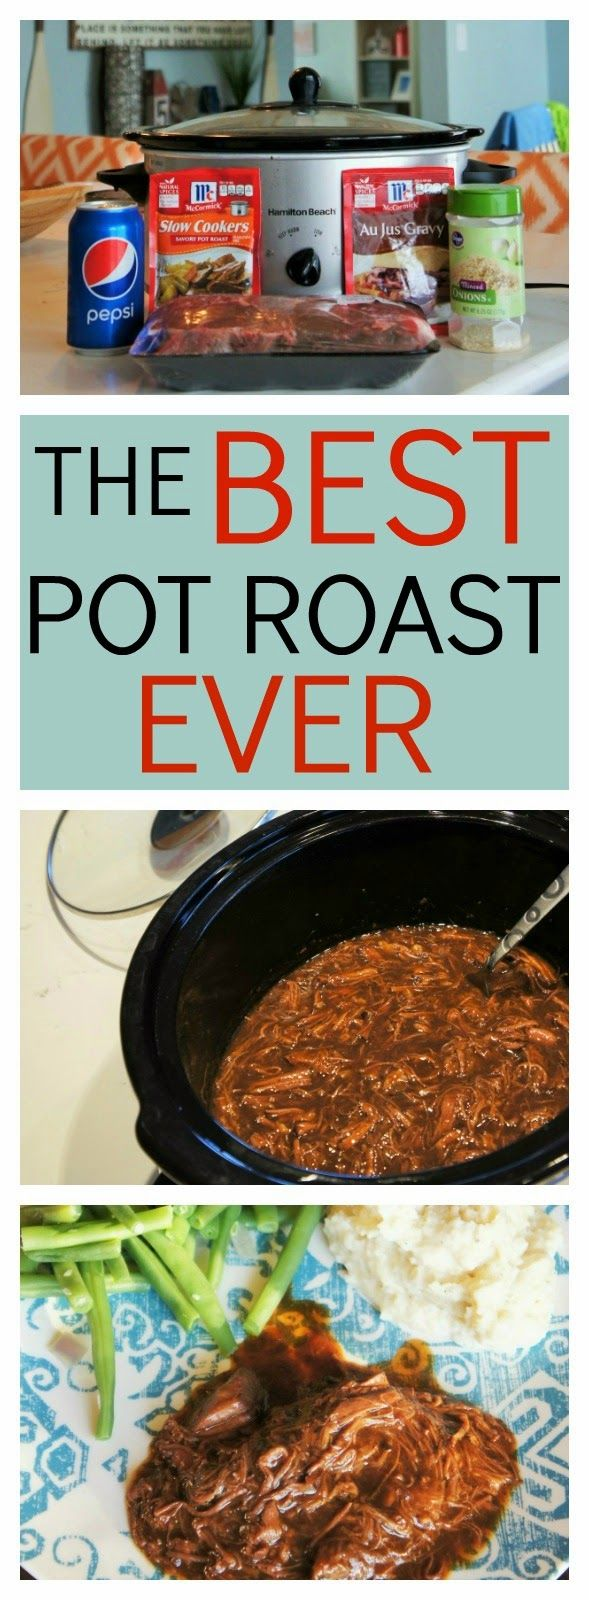 1000+ ideas about Best Pot Roast on Pinterest | Pot roast, Pot roast ...